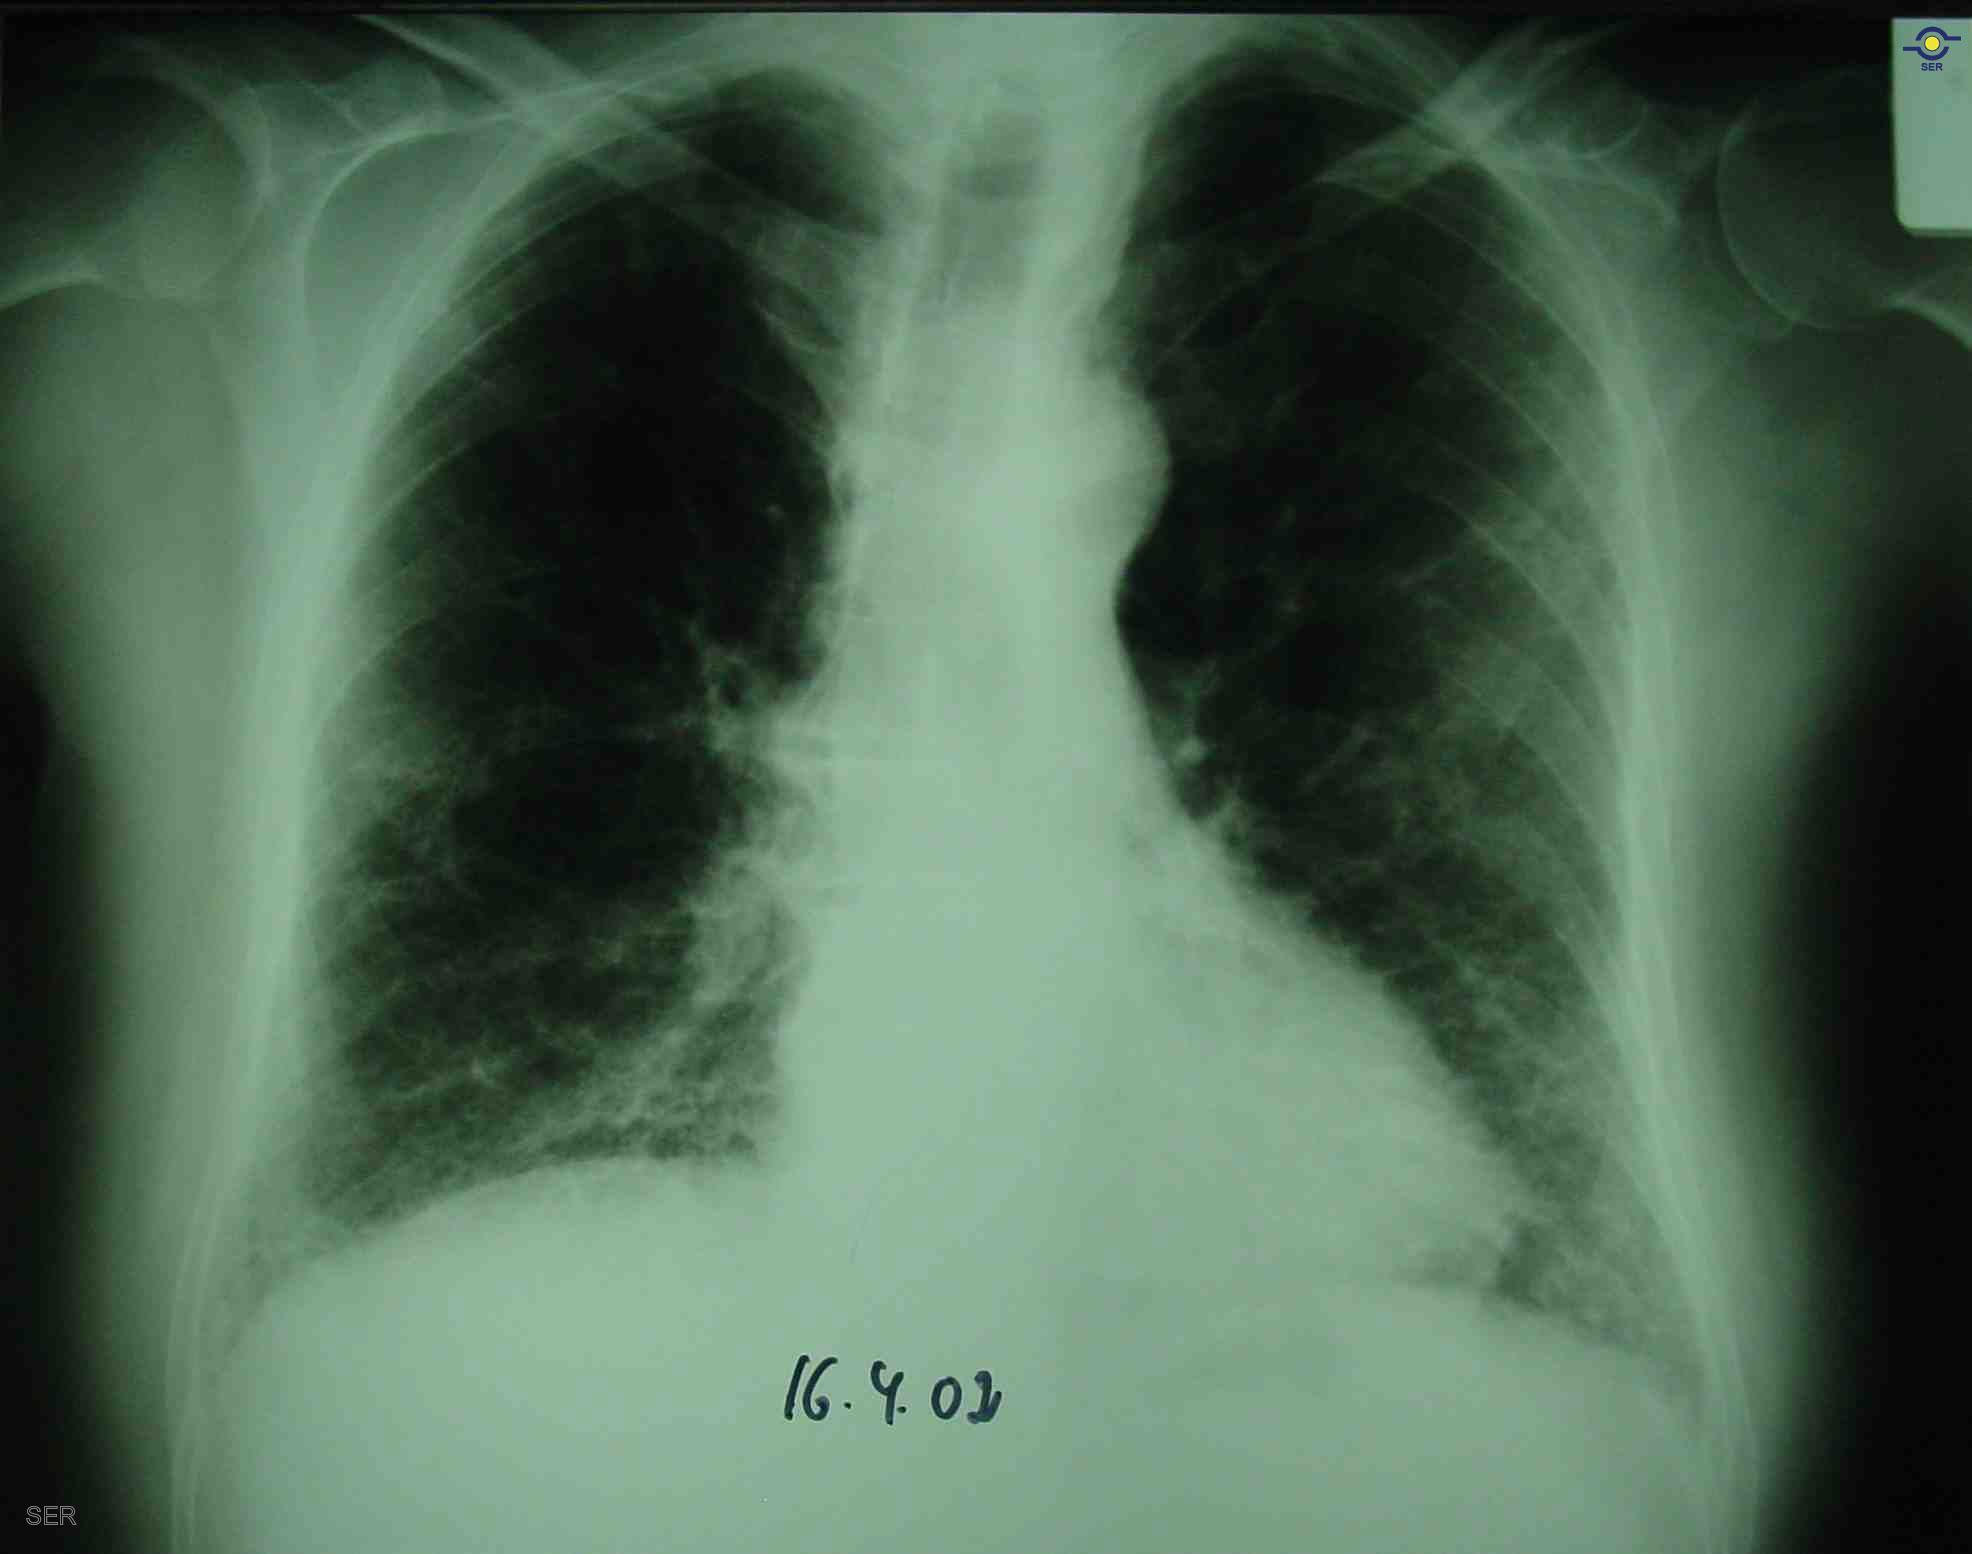 Una radiografía muestra fibrosis pulmonar bibasal